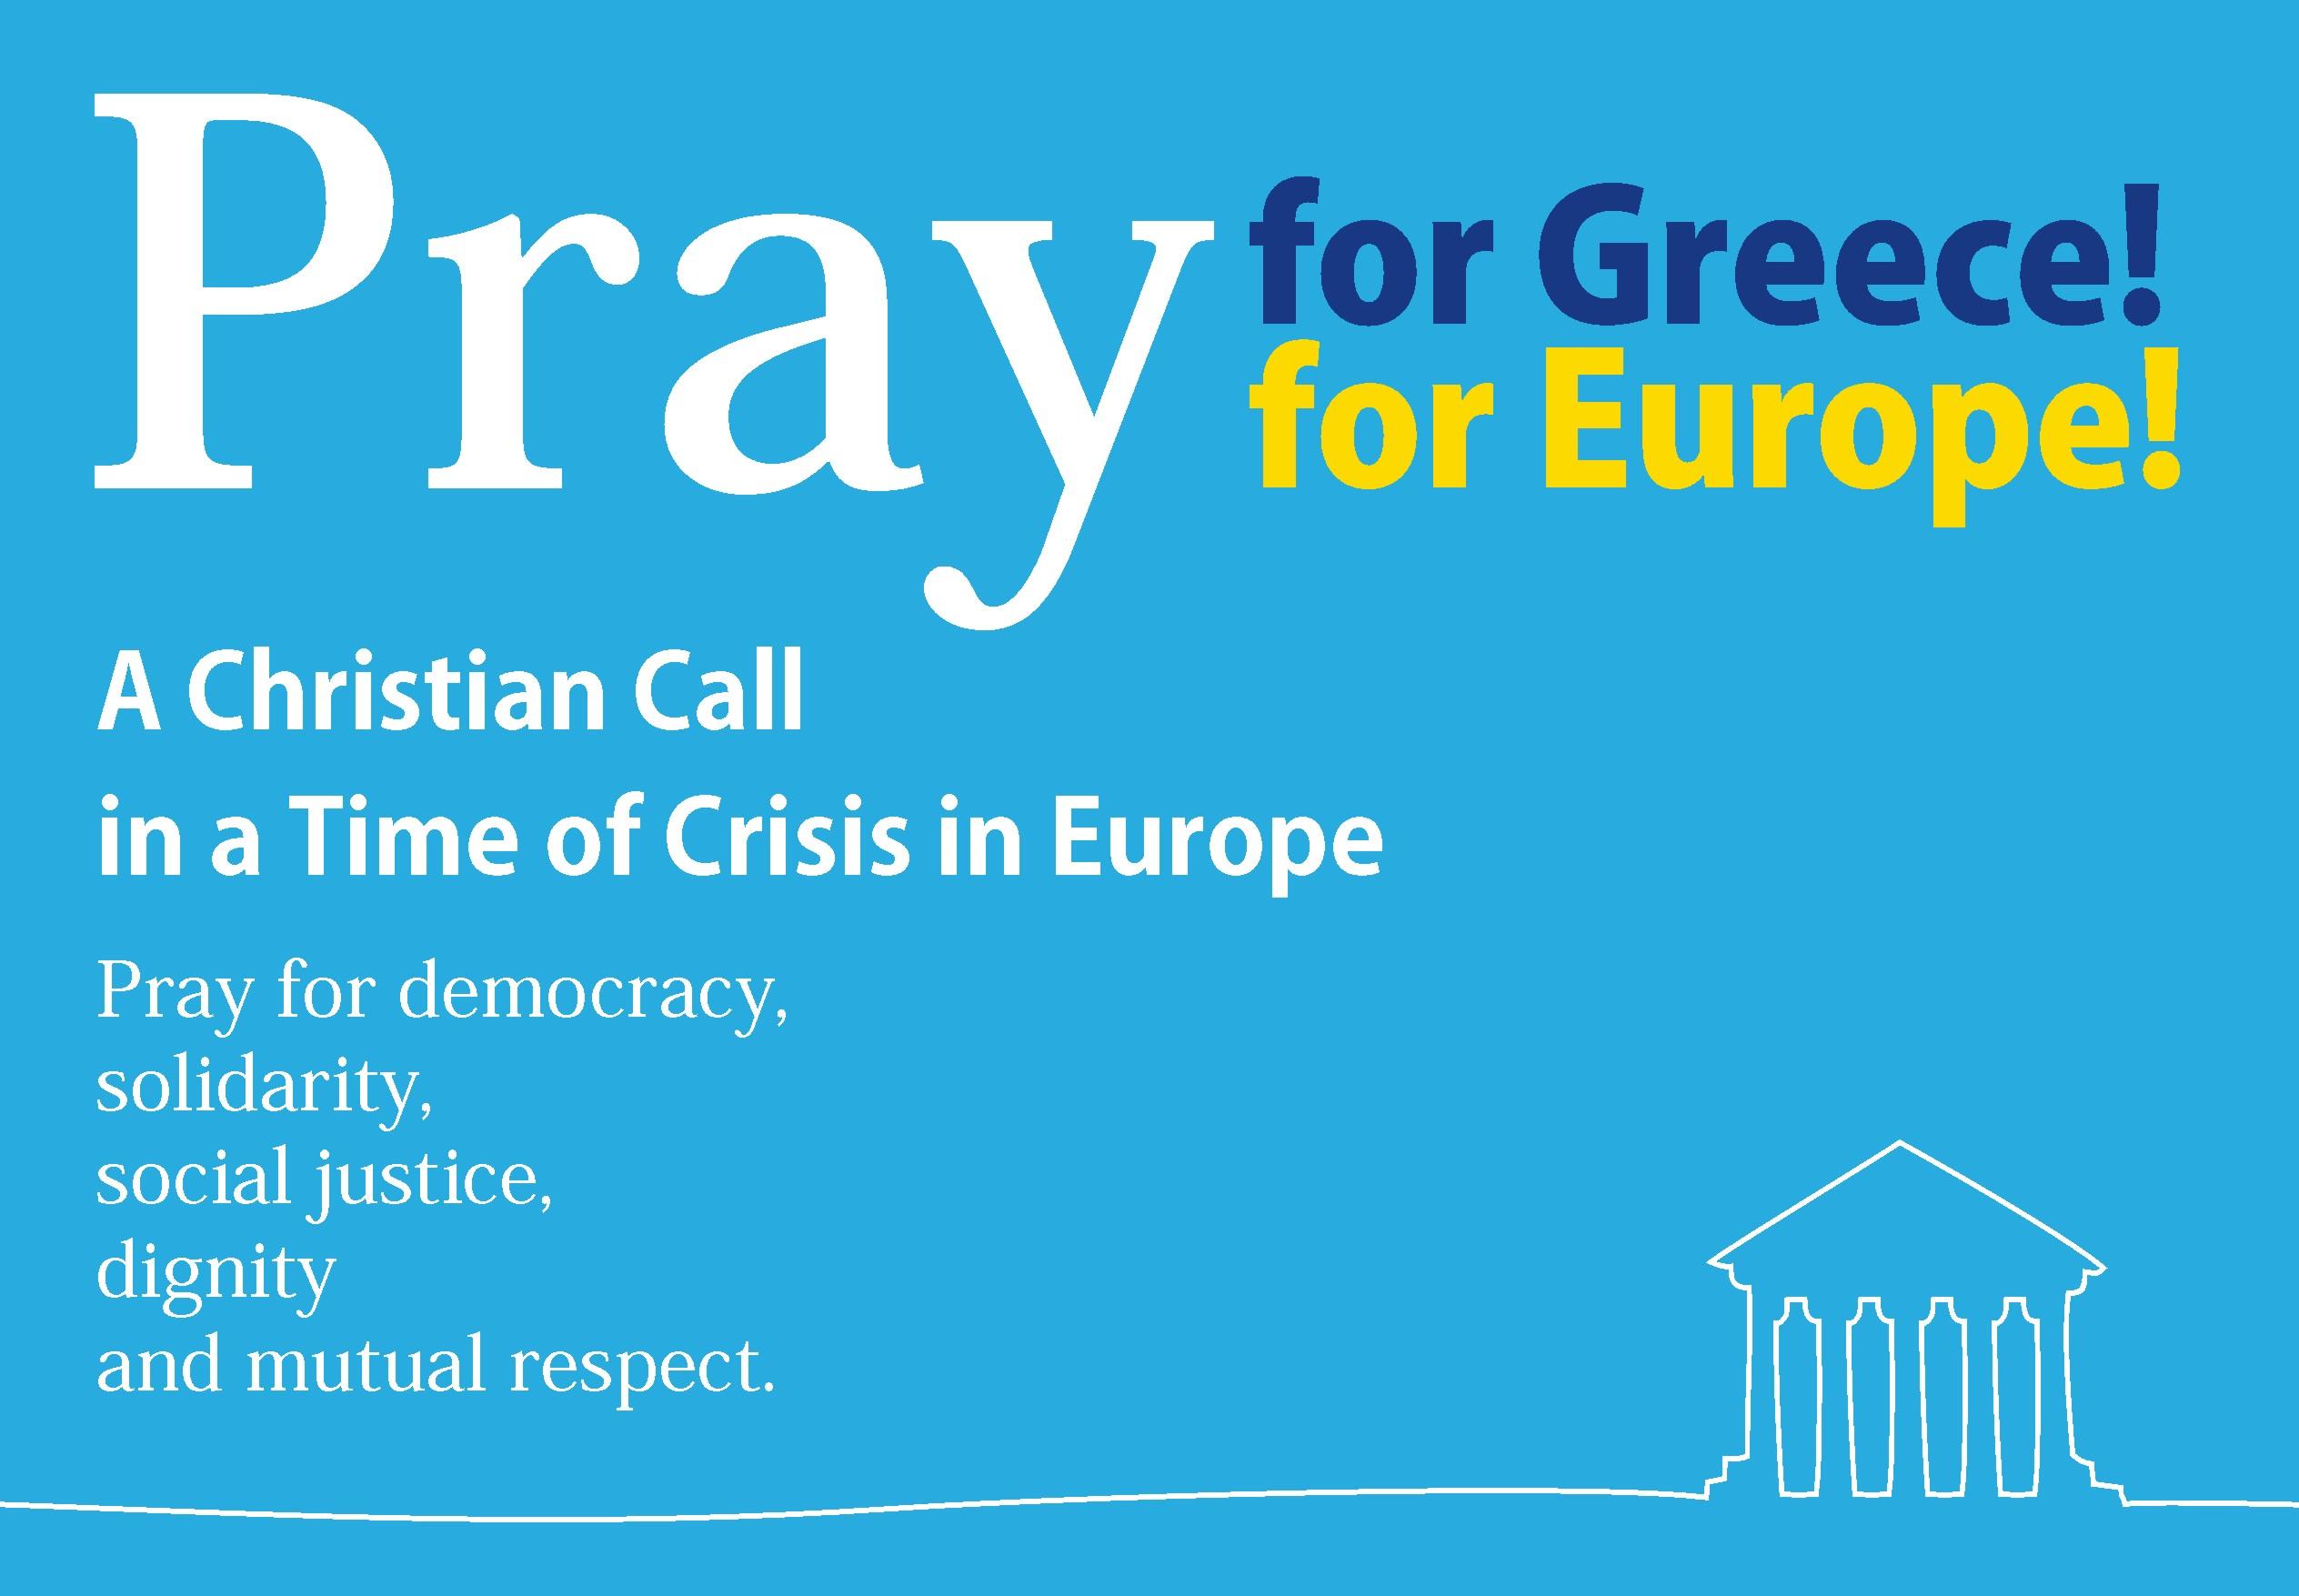 Ένα χριστιανικό κάλεσμα σε καιρούς κρίσης